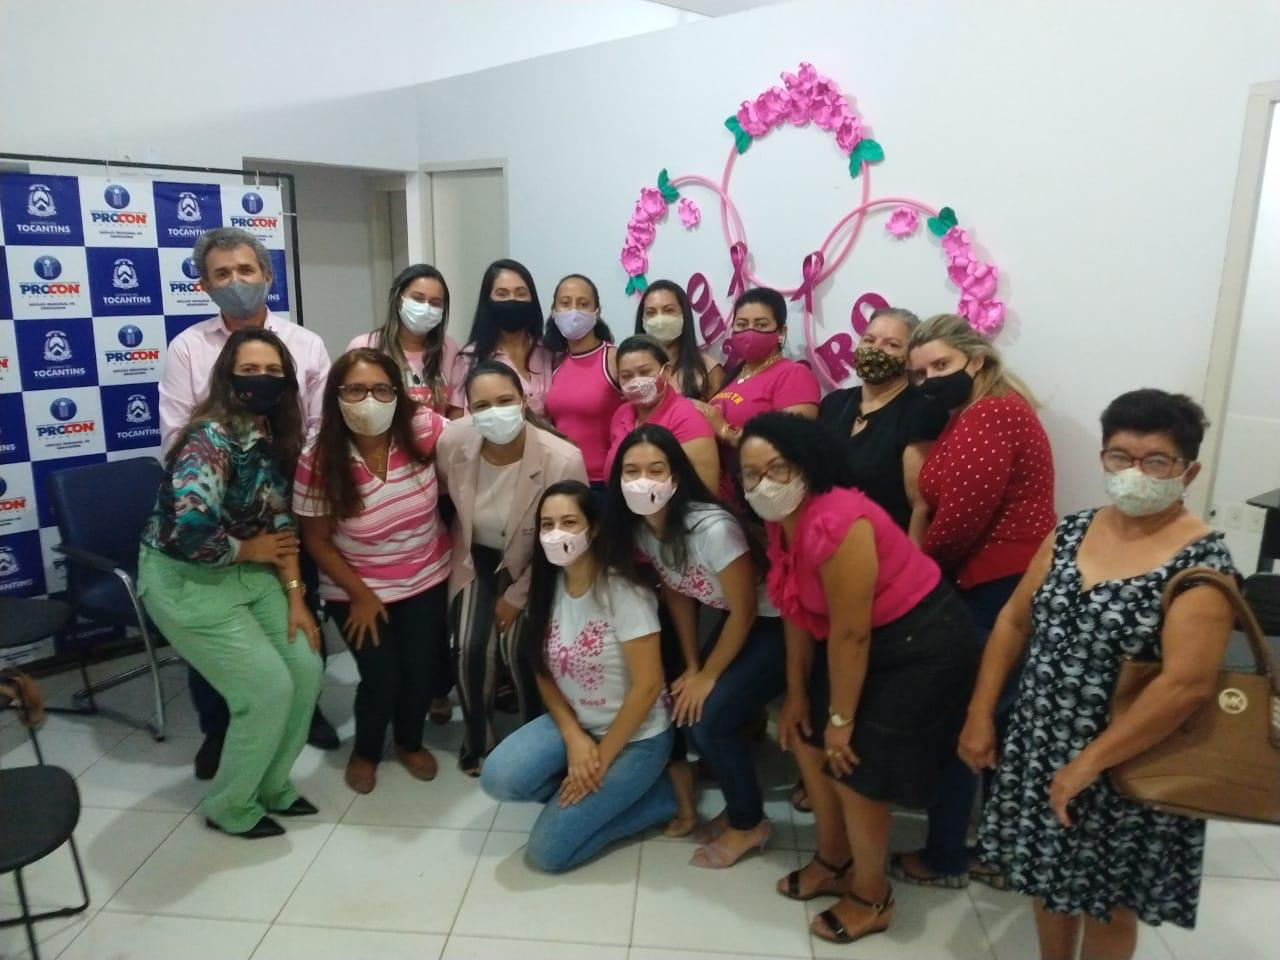 No Outubro Rosa, Procon de Araguaína leva conscientização para servidoras e consumidoras sobre câncer de mama